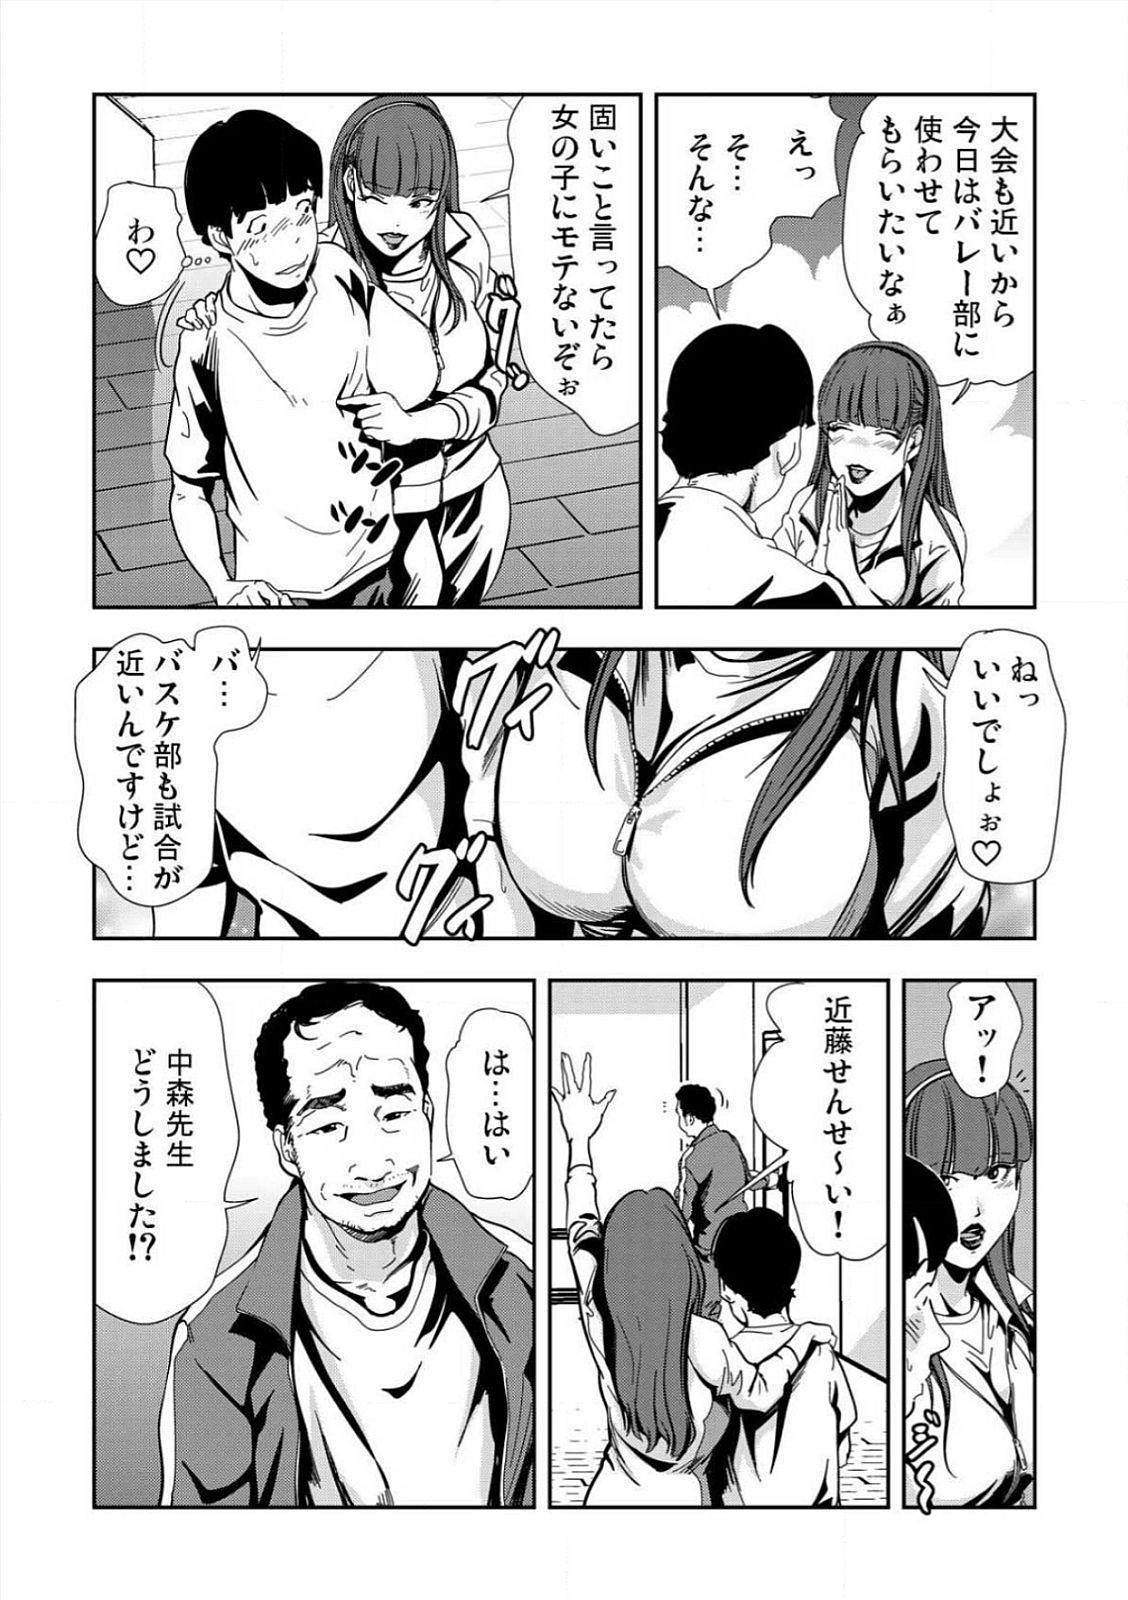 [Misaki Yukihiro] Kyousei Shidou ~Mechakucha ni Kegasarete~ (1)~(6) [Digital] 33